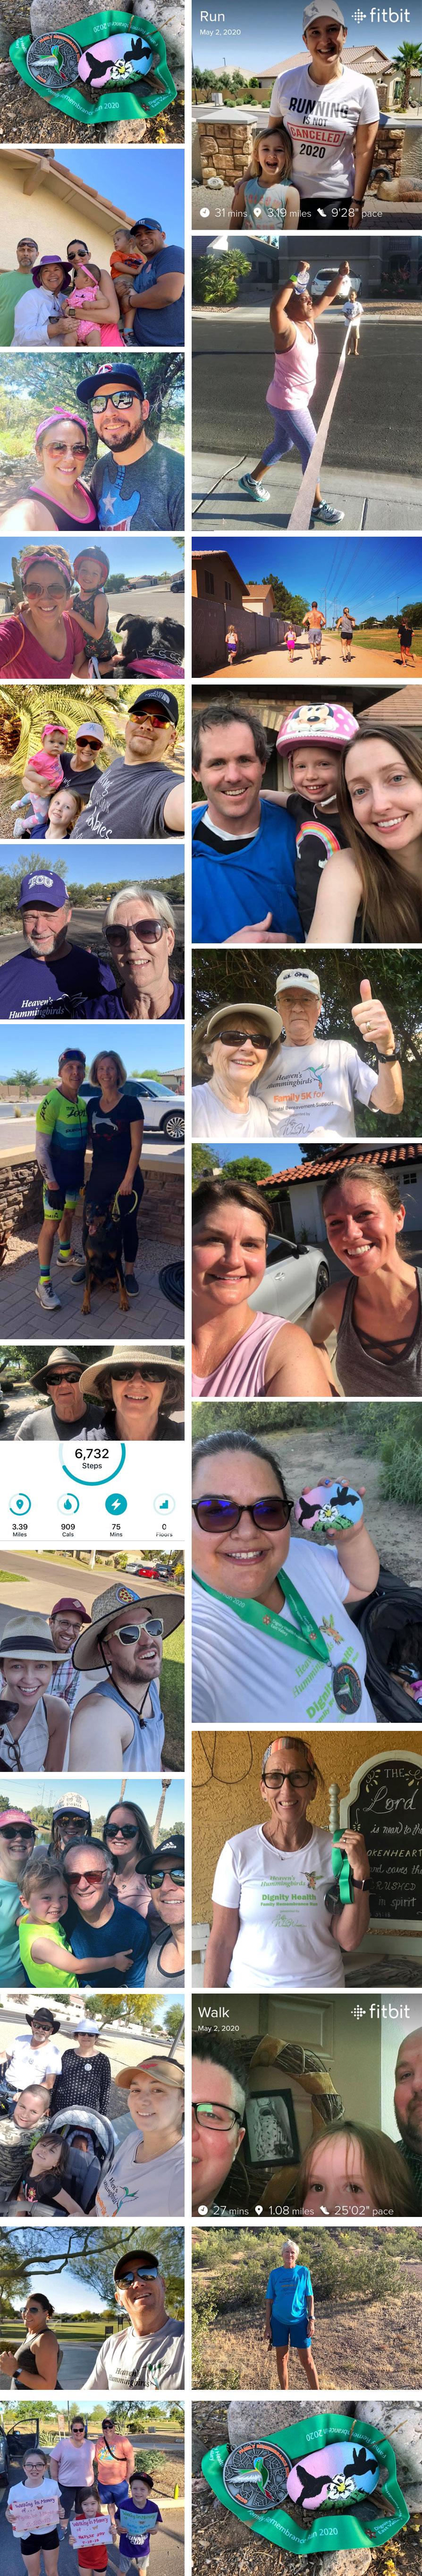 Family 5K Run Photos